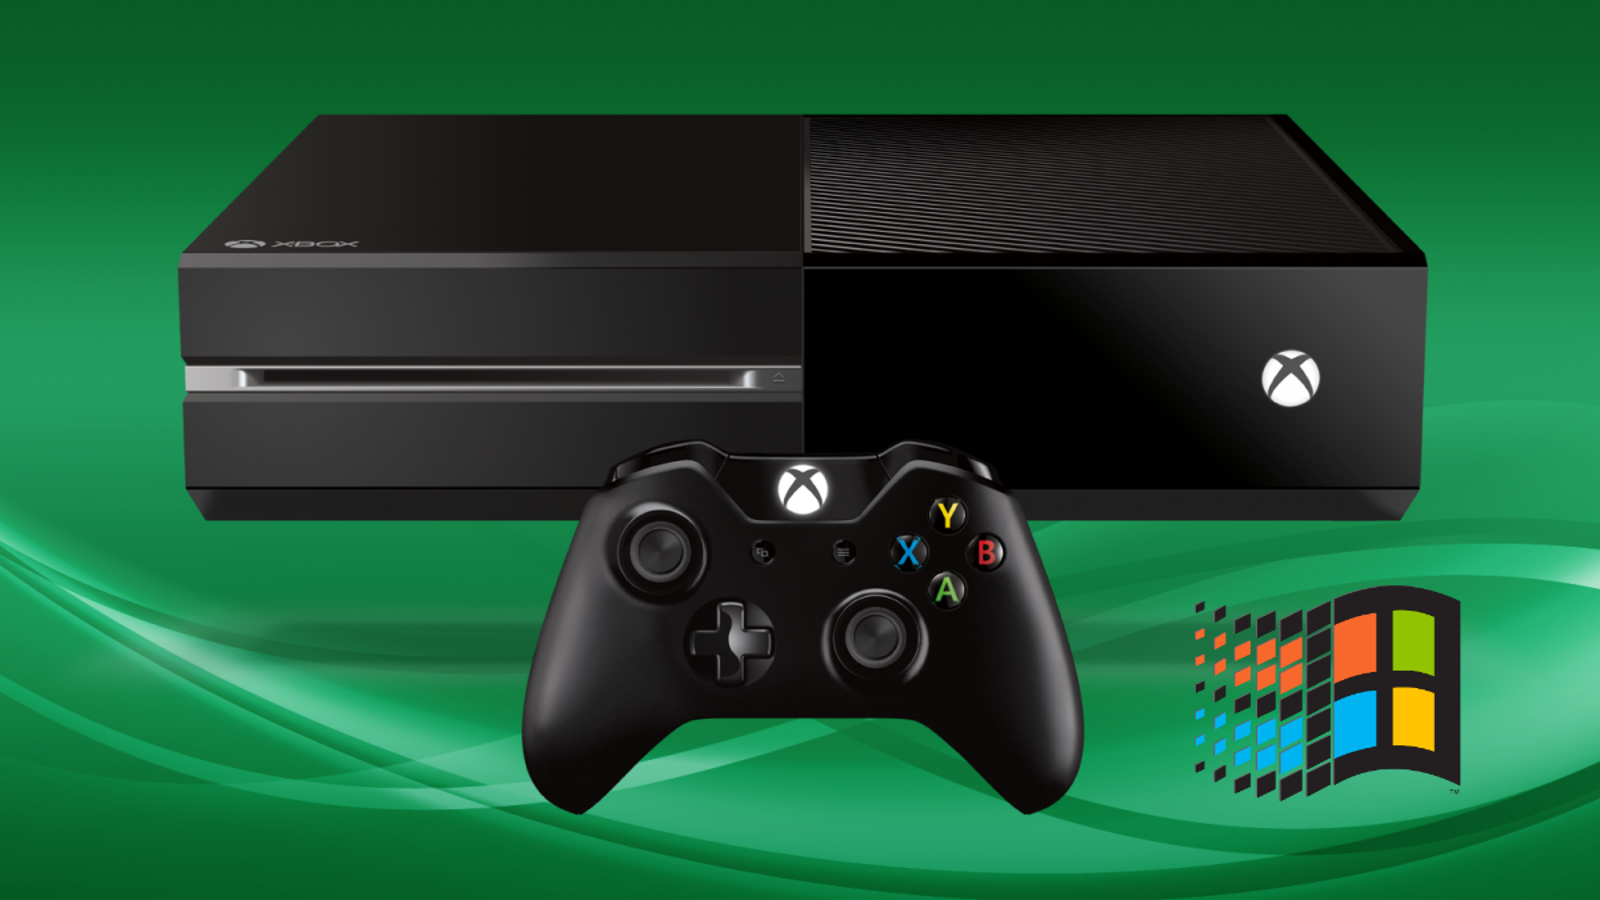 Por qué no: consiguen ejecutar Windows 95 en una Xbox One